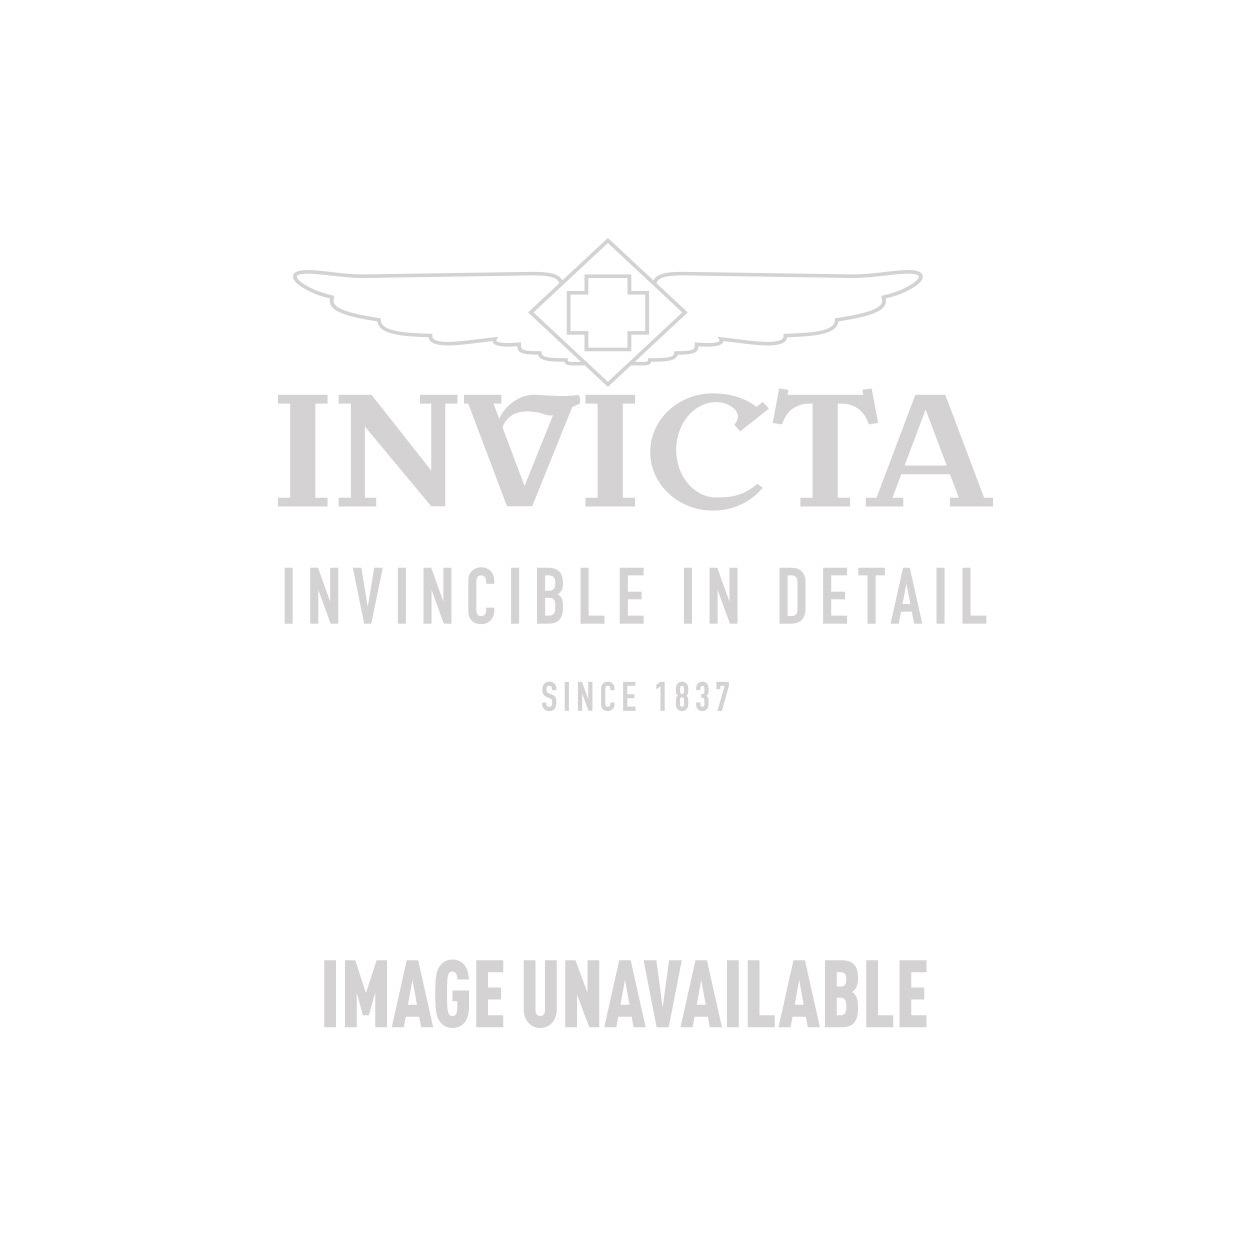 Invicta Model 22331